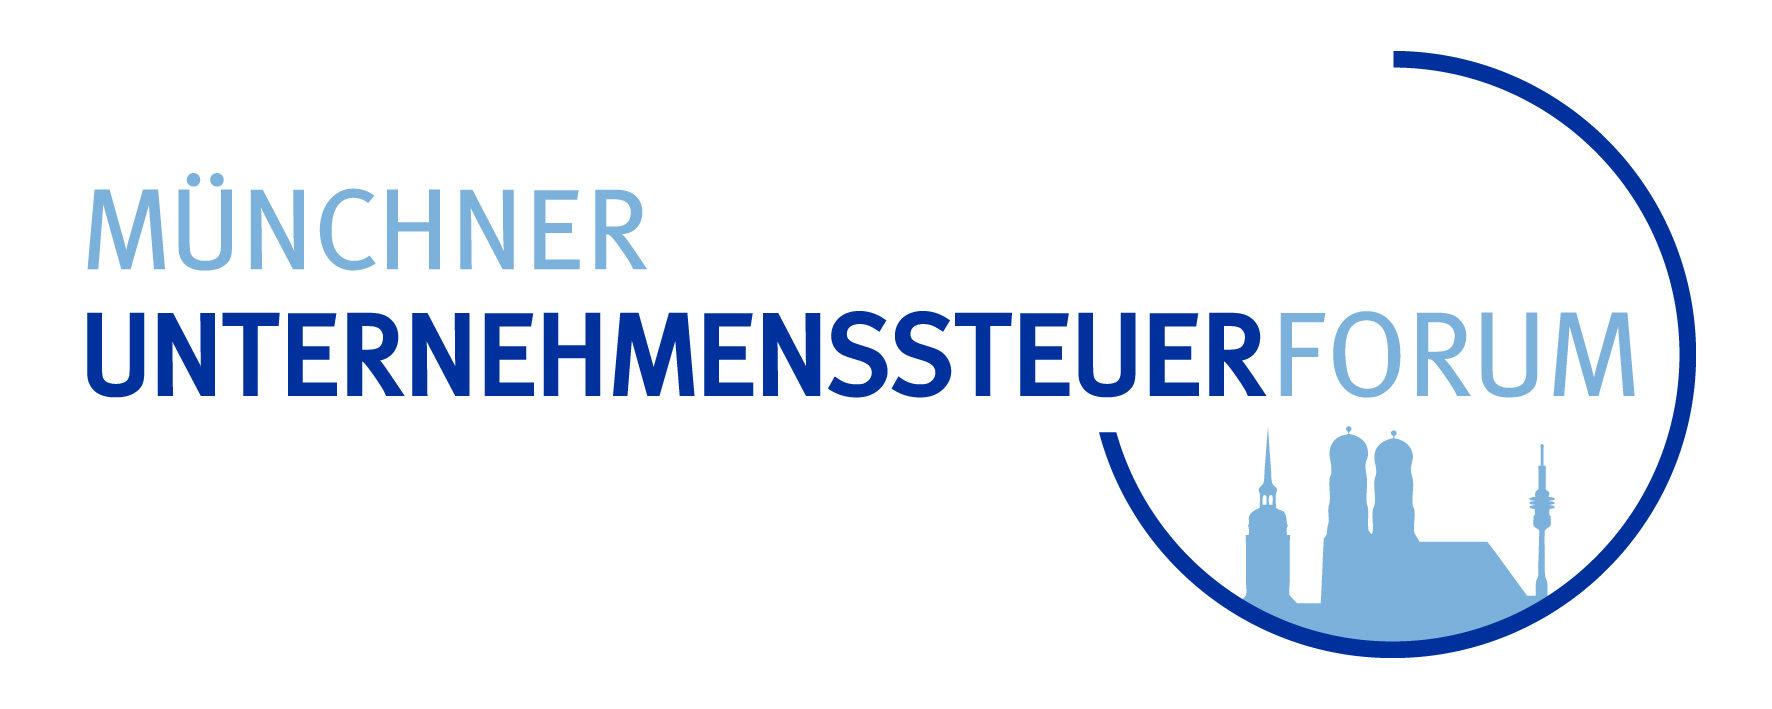 Münchner Unternehmenssteuerforum e.V.